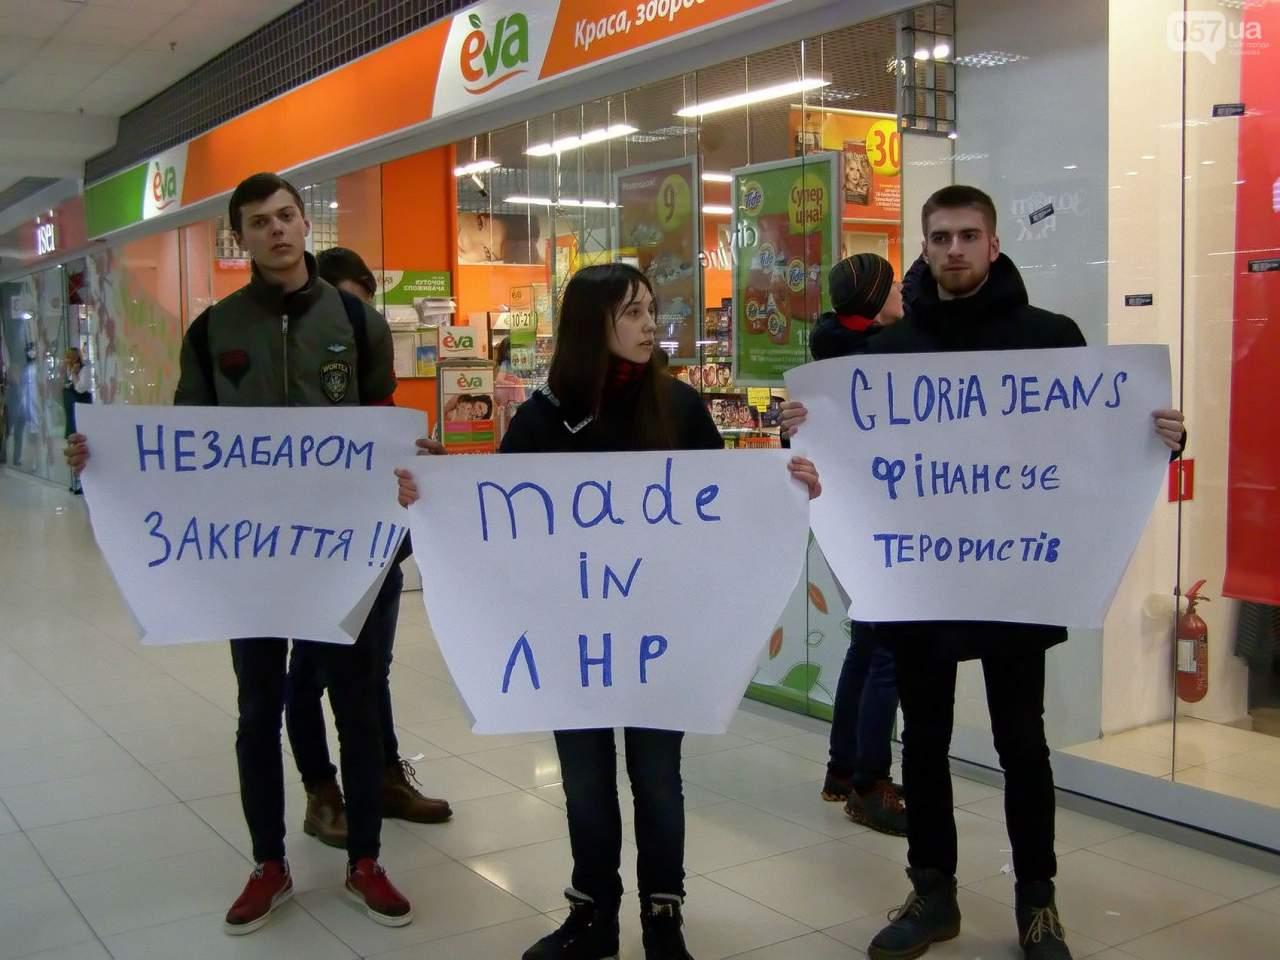 В Харькове акция протеста возле Gloria Jeans закончилась потасовкой (Видео)